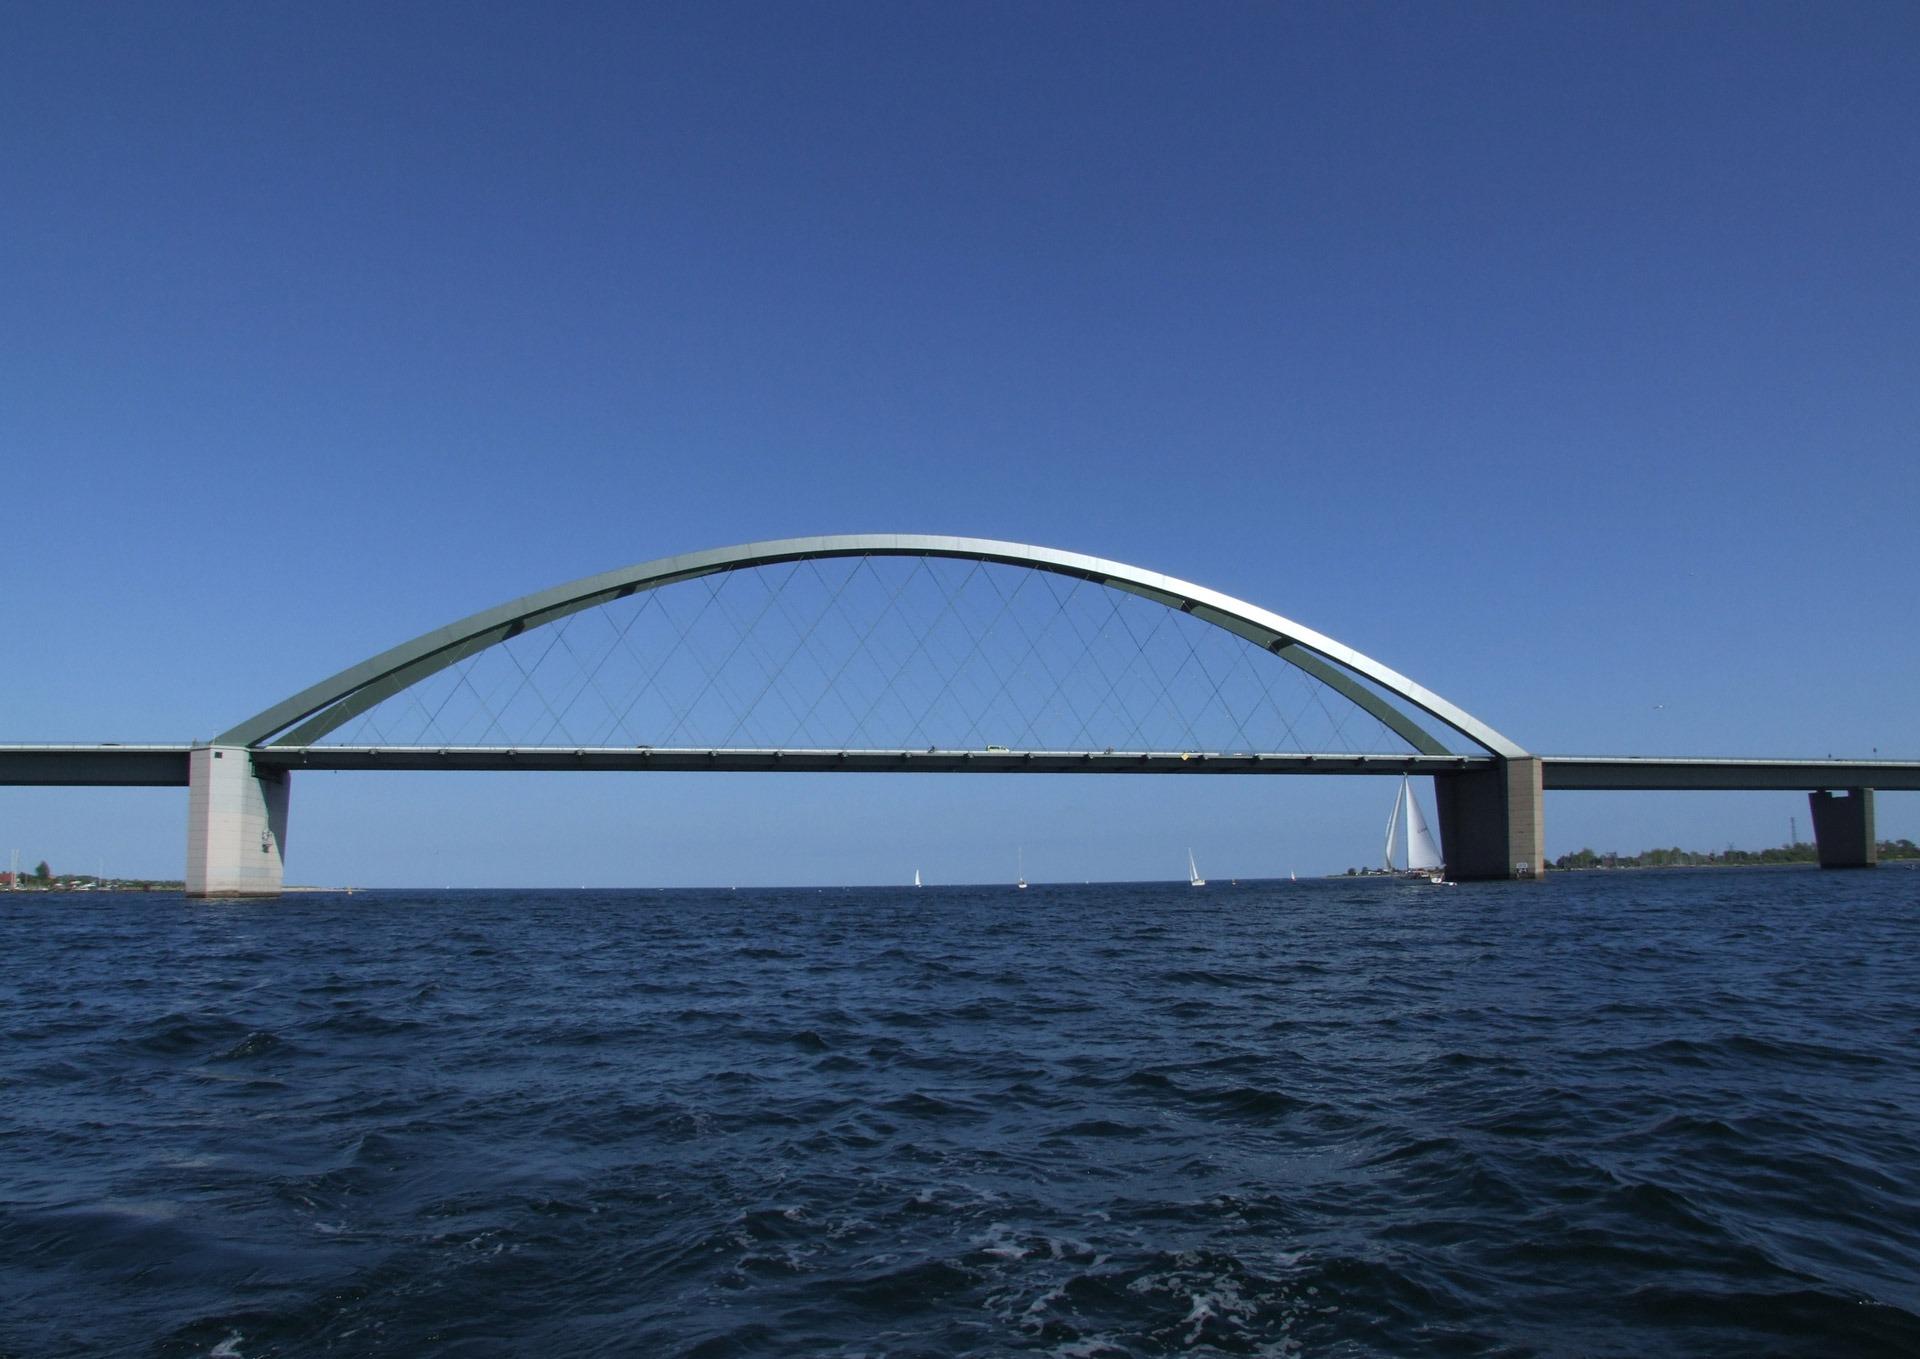 Wassertemperatur Fehmarn: Fehmarnsundbrücke mit Ostsee